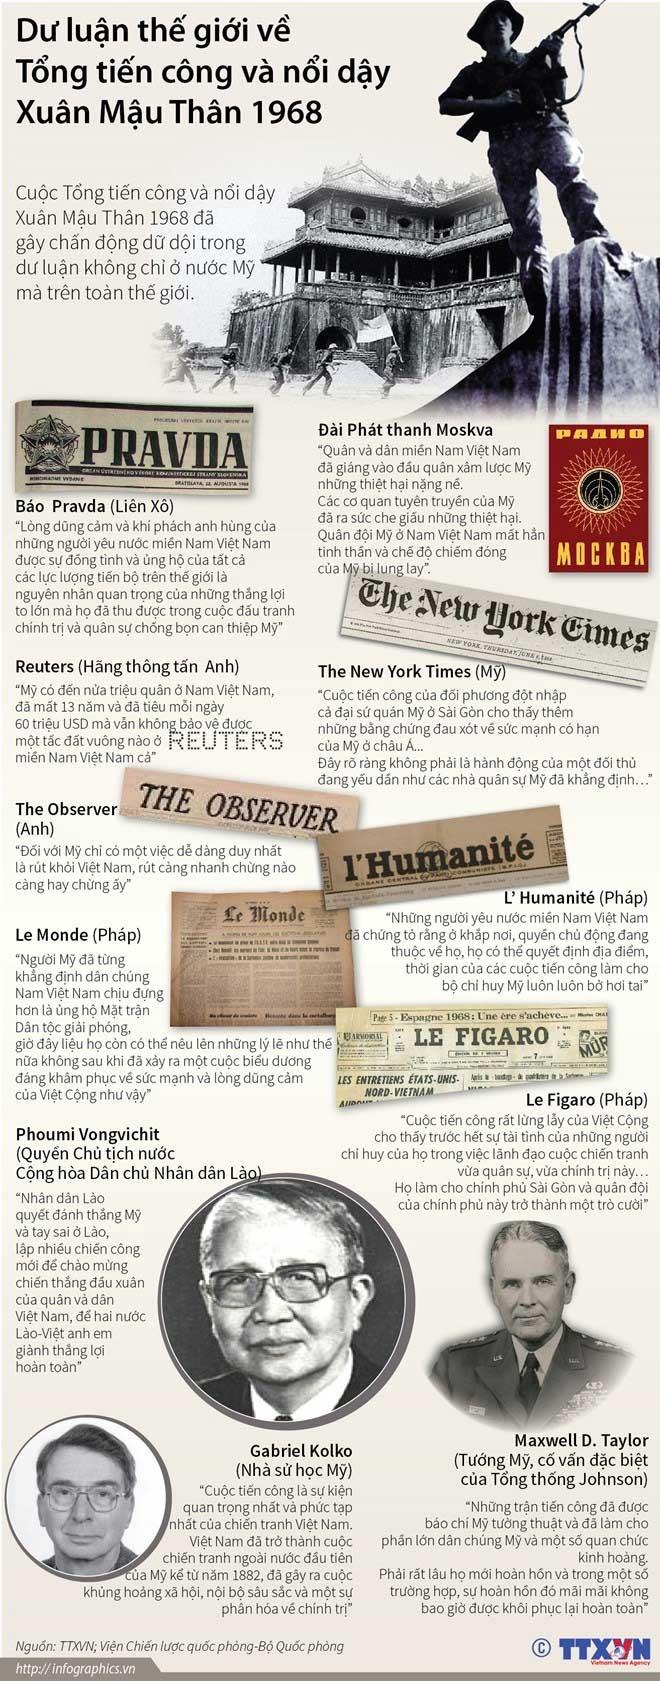 [Infographics] Dư luận thế giới về Tổng tiến công Mậu Thân 1968 ảnh 1